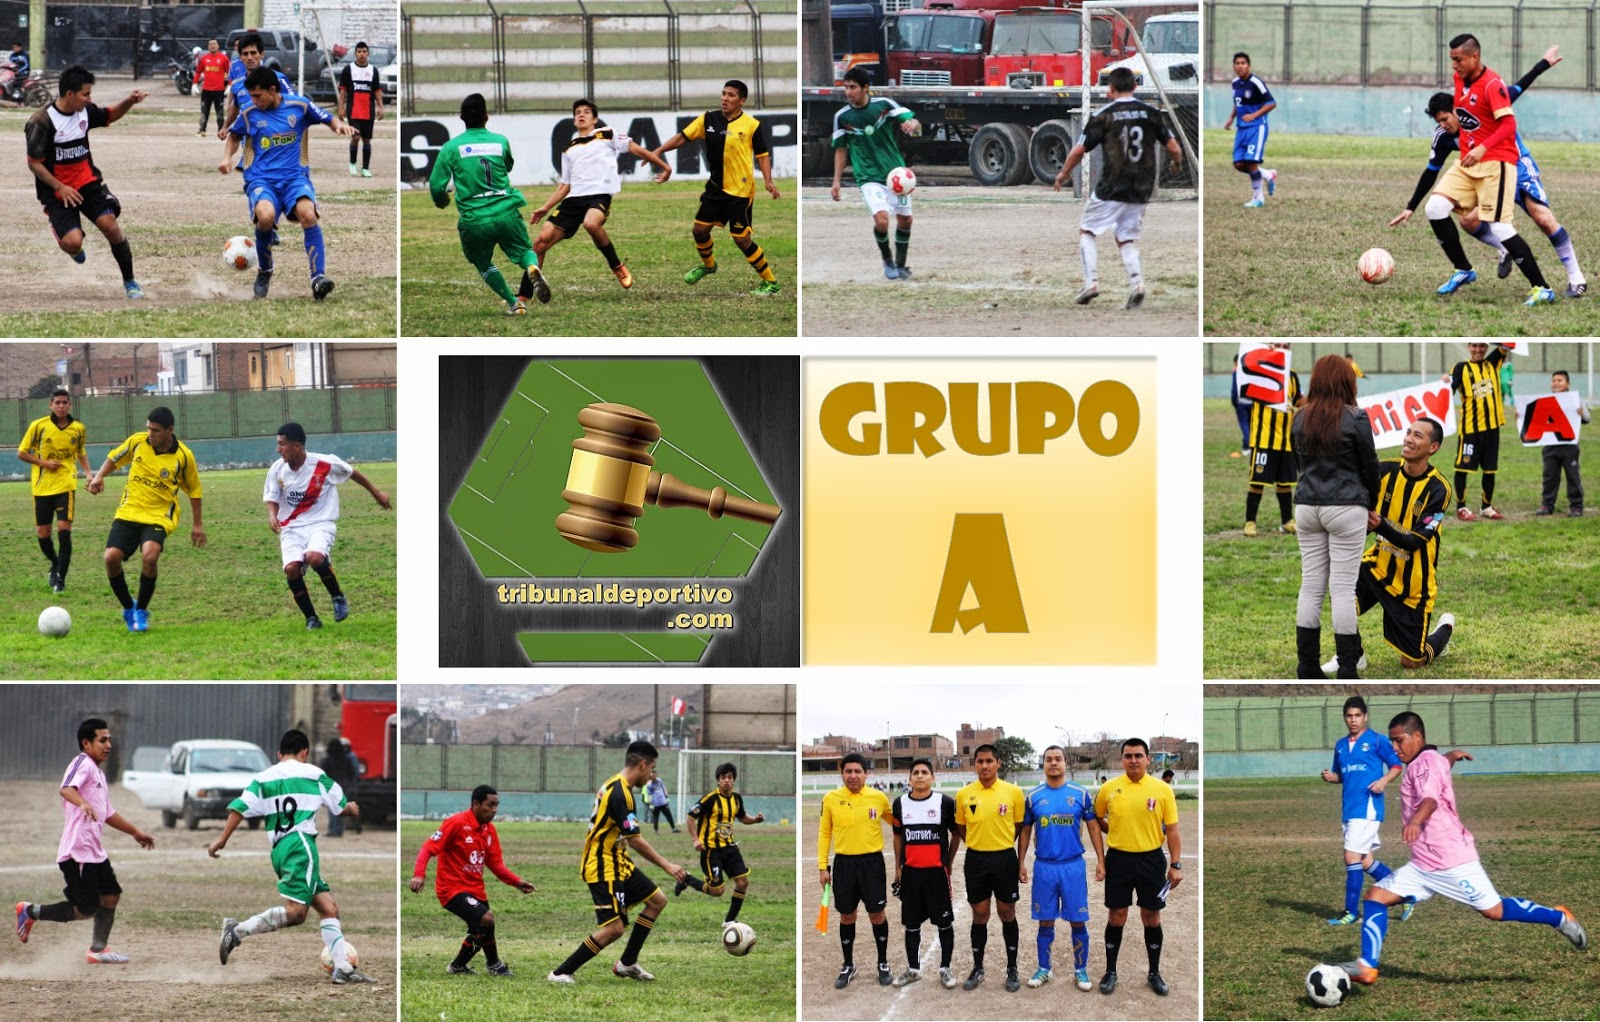 http://tribunal-deportivo.blogspot.com/2014/09/departamental-callao-grupo-fecha-1-todo.html